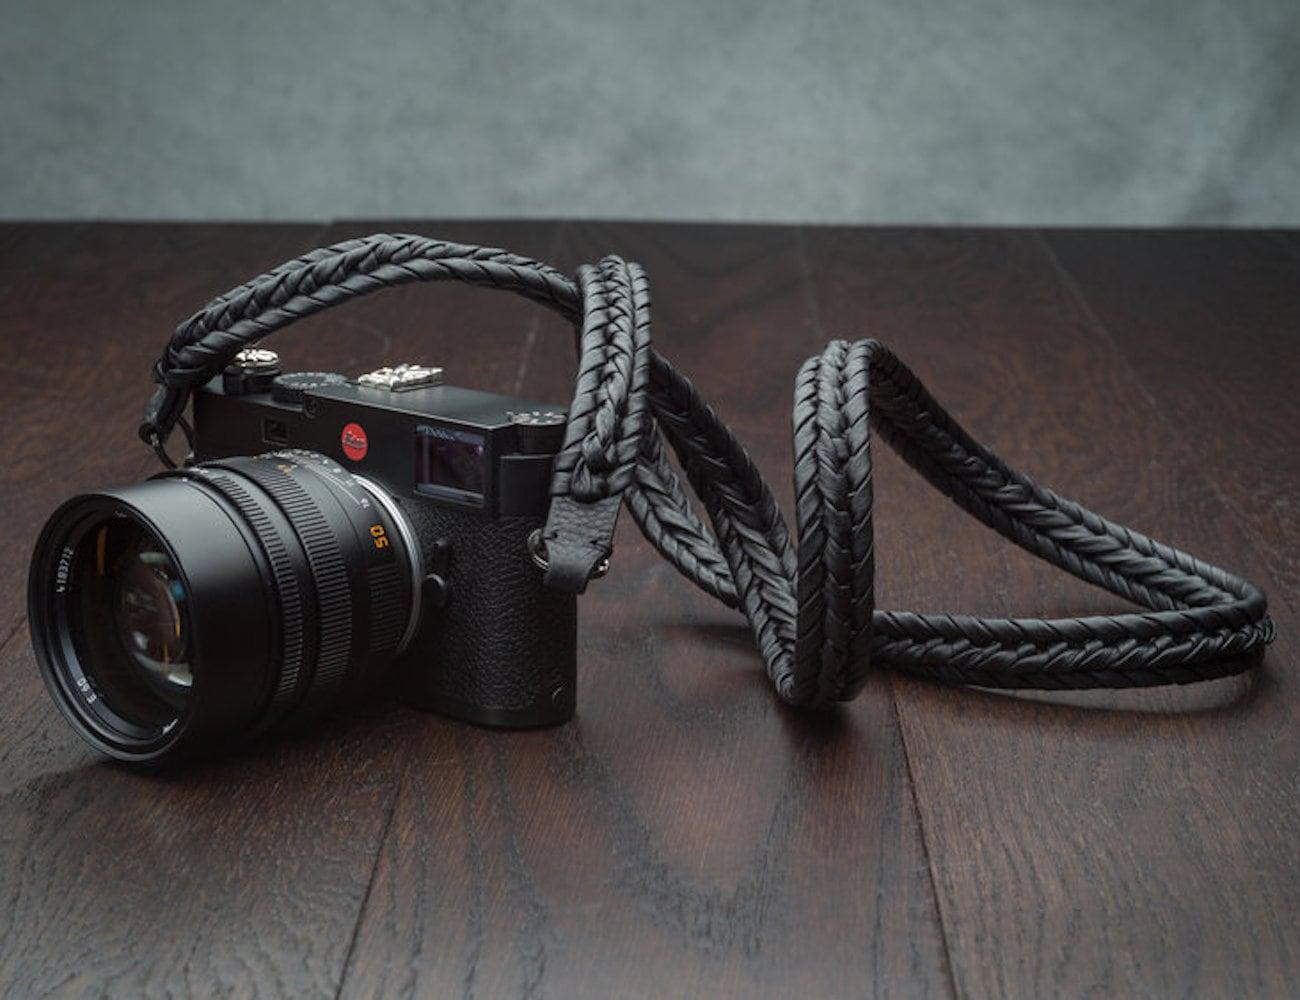 Vi Vante Ultime Blackout Braided Camera Strap